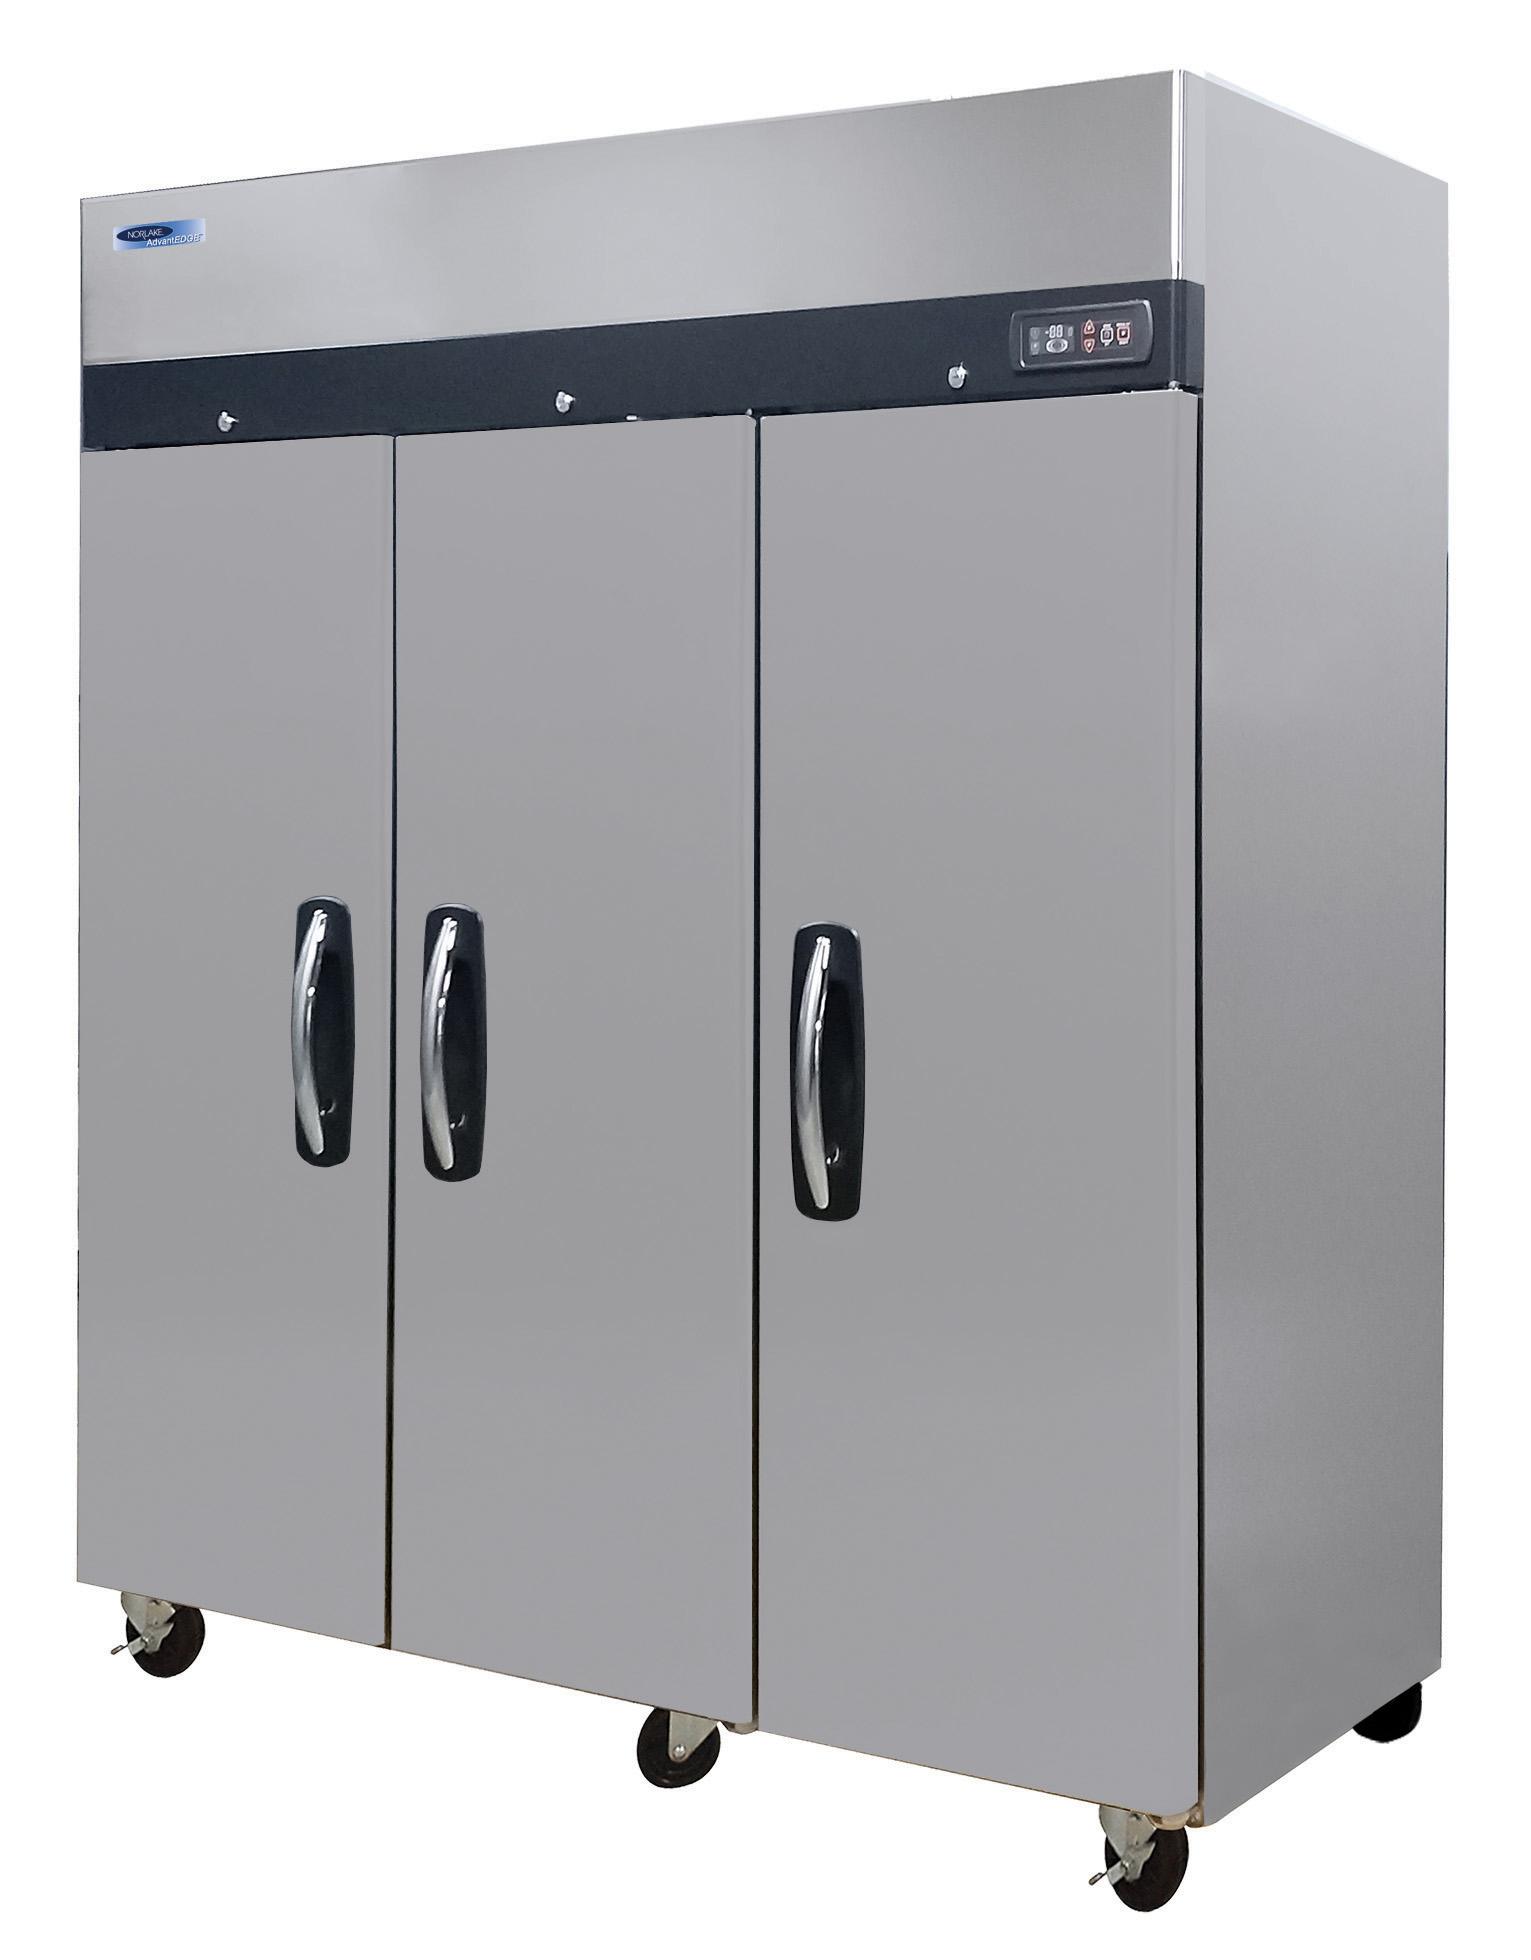 Nor-Lake NLTF72-S freezer, full solid door, 3 door